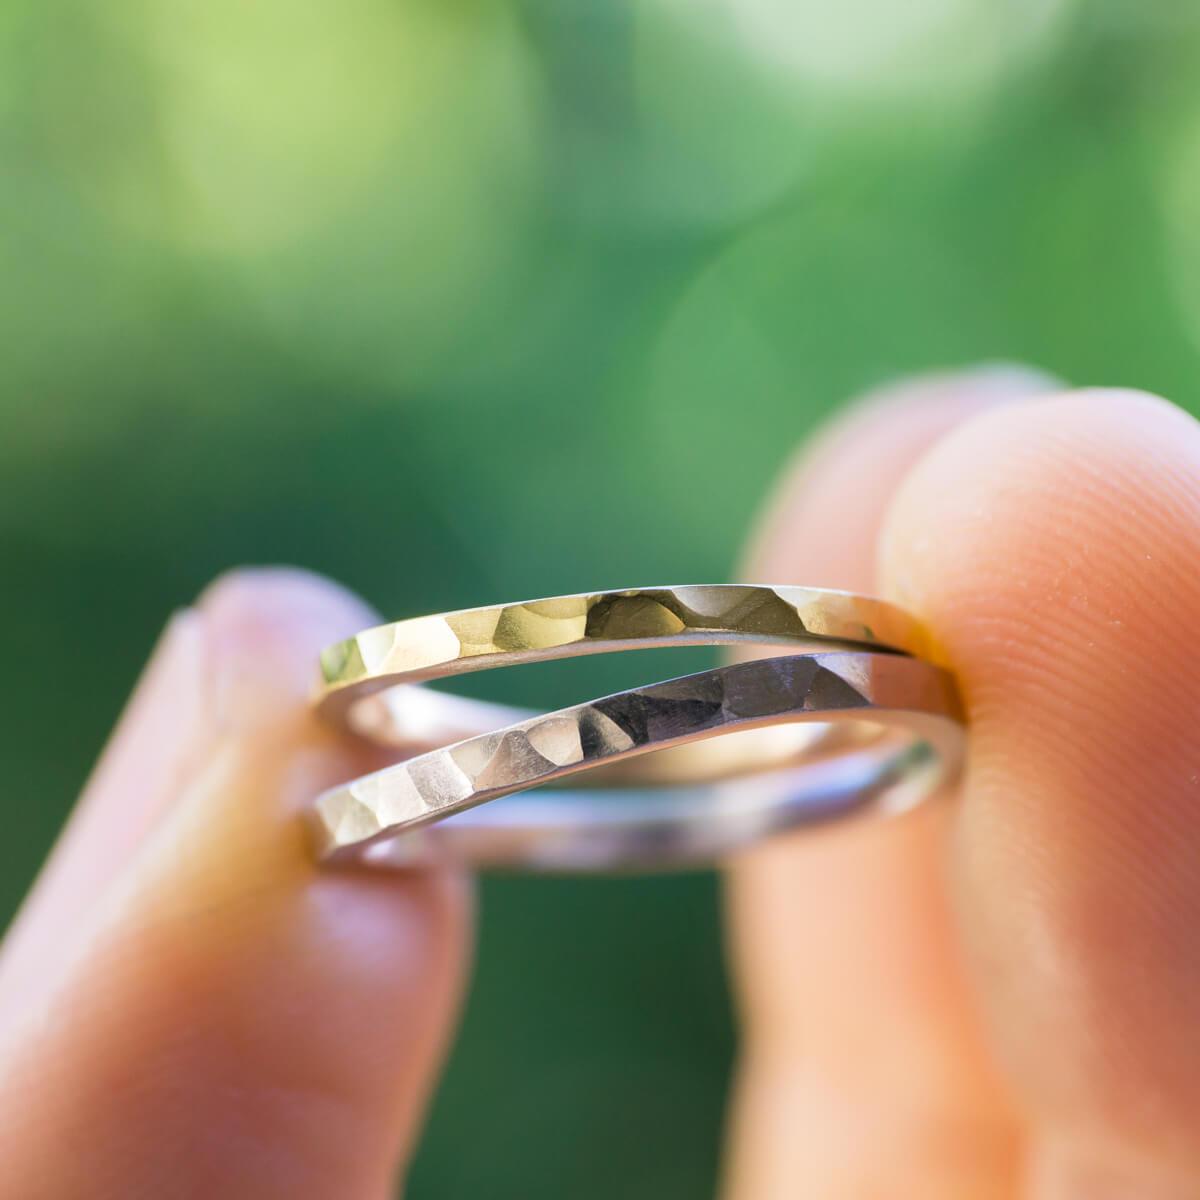 オーダーメイドマリッジリング 屋久島の緑バック ゴールド、プラチナ 屋久島でつくる結婚指輪